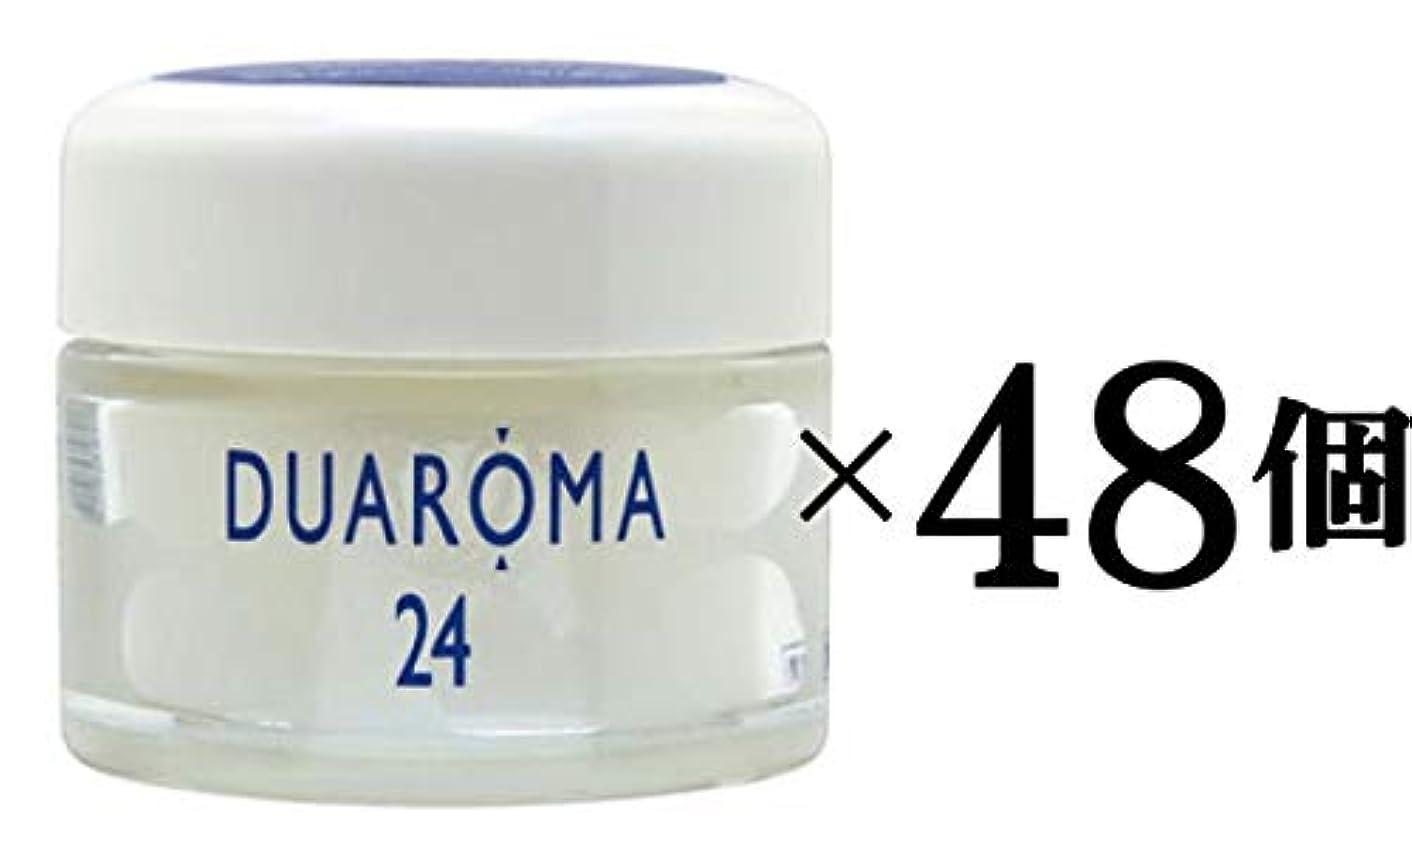 デュアロマ24 薬用クリーム 40g× 48個 < 業務用 箱売り >★送料無料 ★老人介護施設で2000人以上を臨床して開発 肌あれ、あせも、しもやけ、ひび、あかぎれなどに